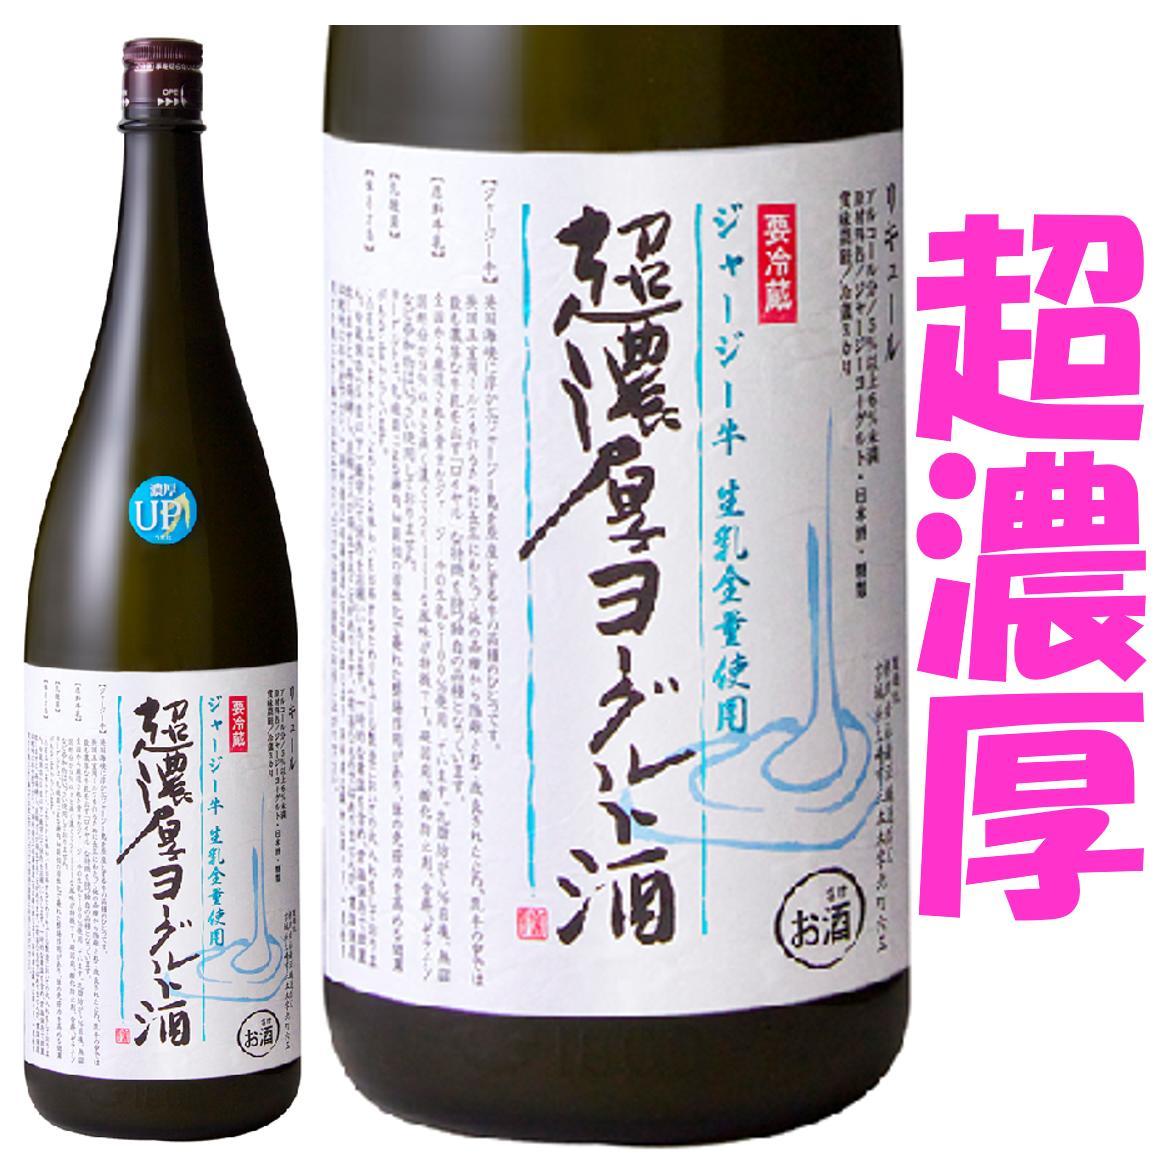 リキュール, 卵・ミルク・ヨーグルト系  720ml